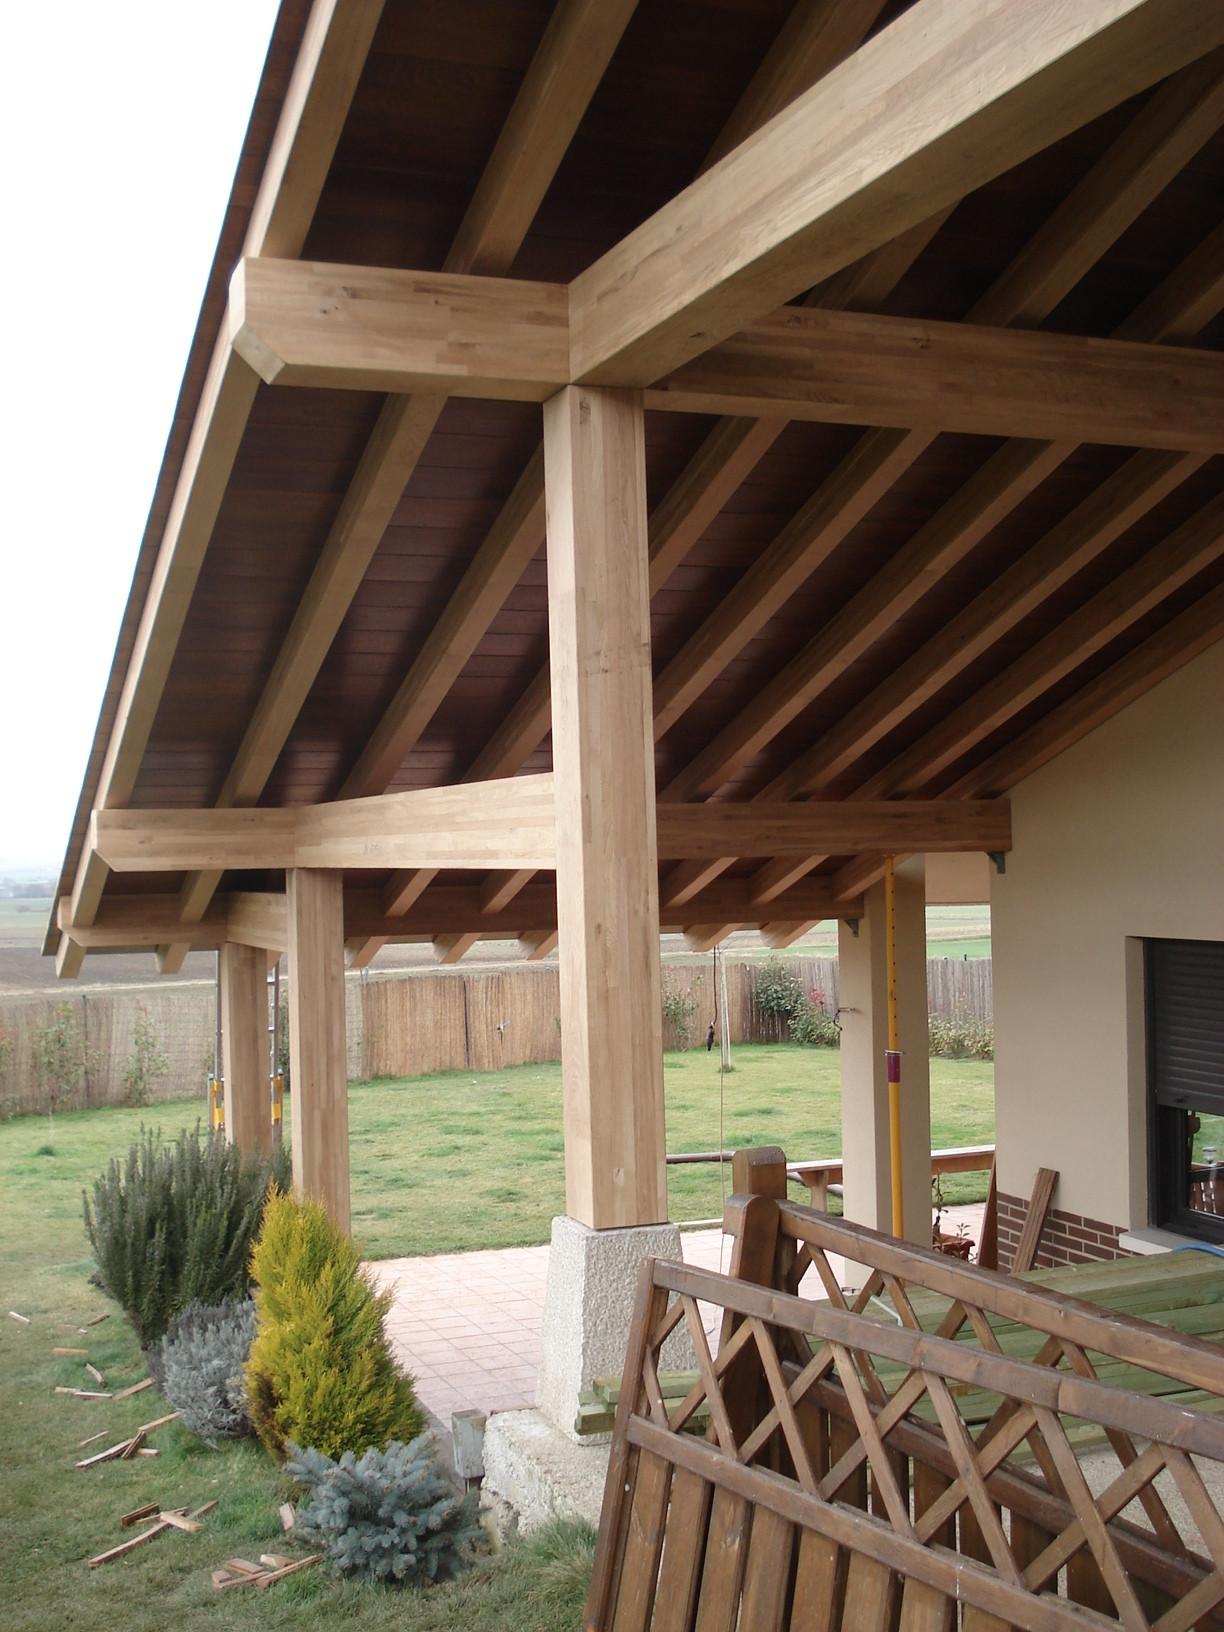 tejados de madera cubiertas estructuras